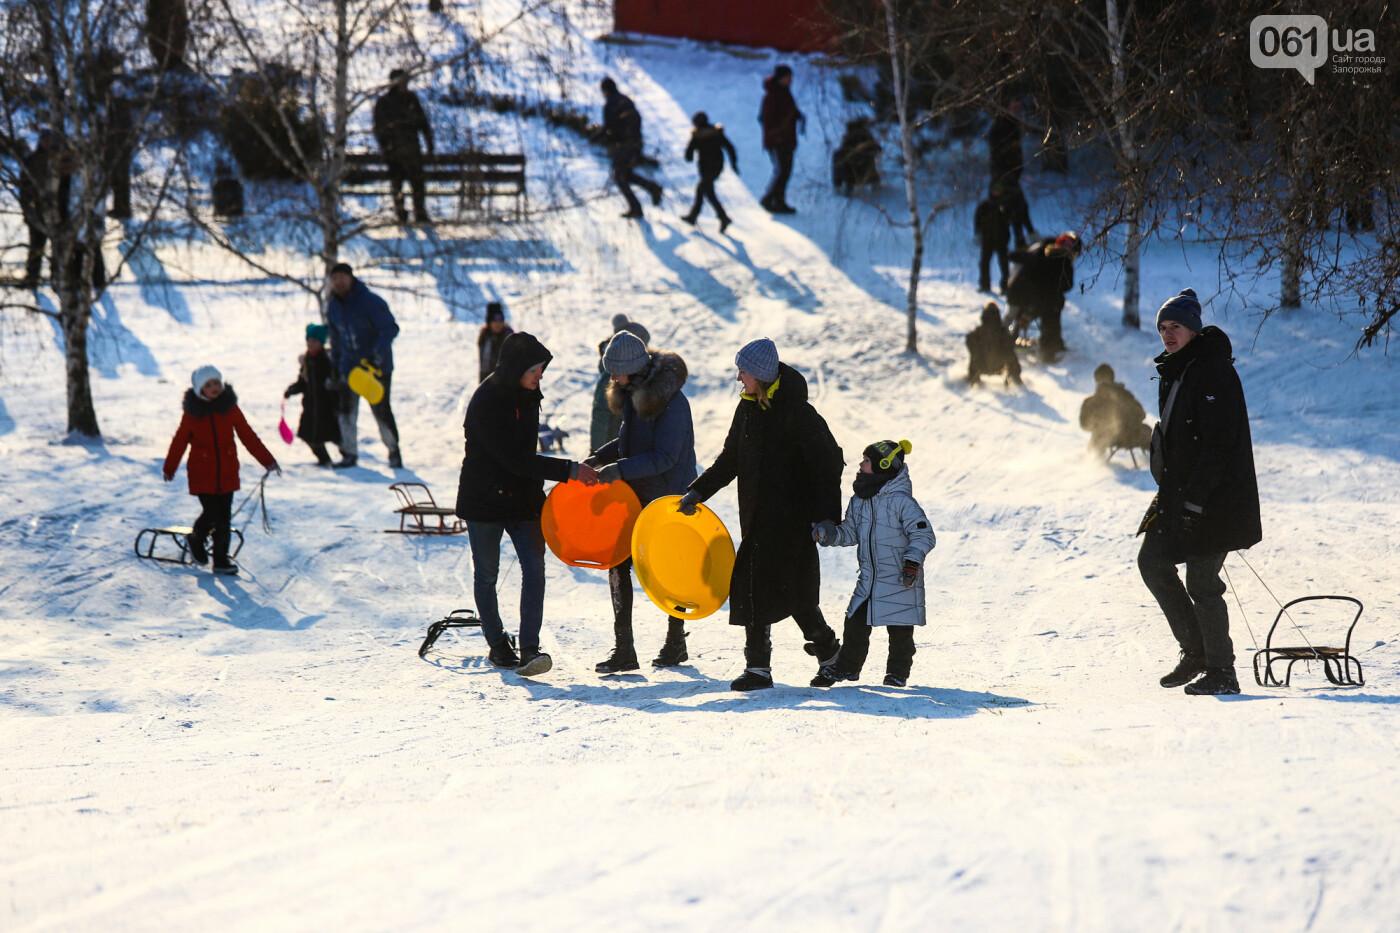 На санках, лыжах и сноуборде: запорожцы устроили массовое катание с горок в Вознесеновском парке, - ФОТОРЕПОРТАЖ, фото-42